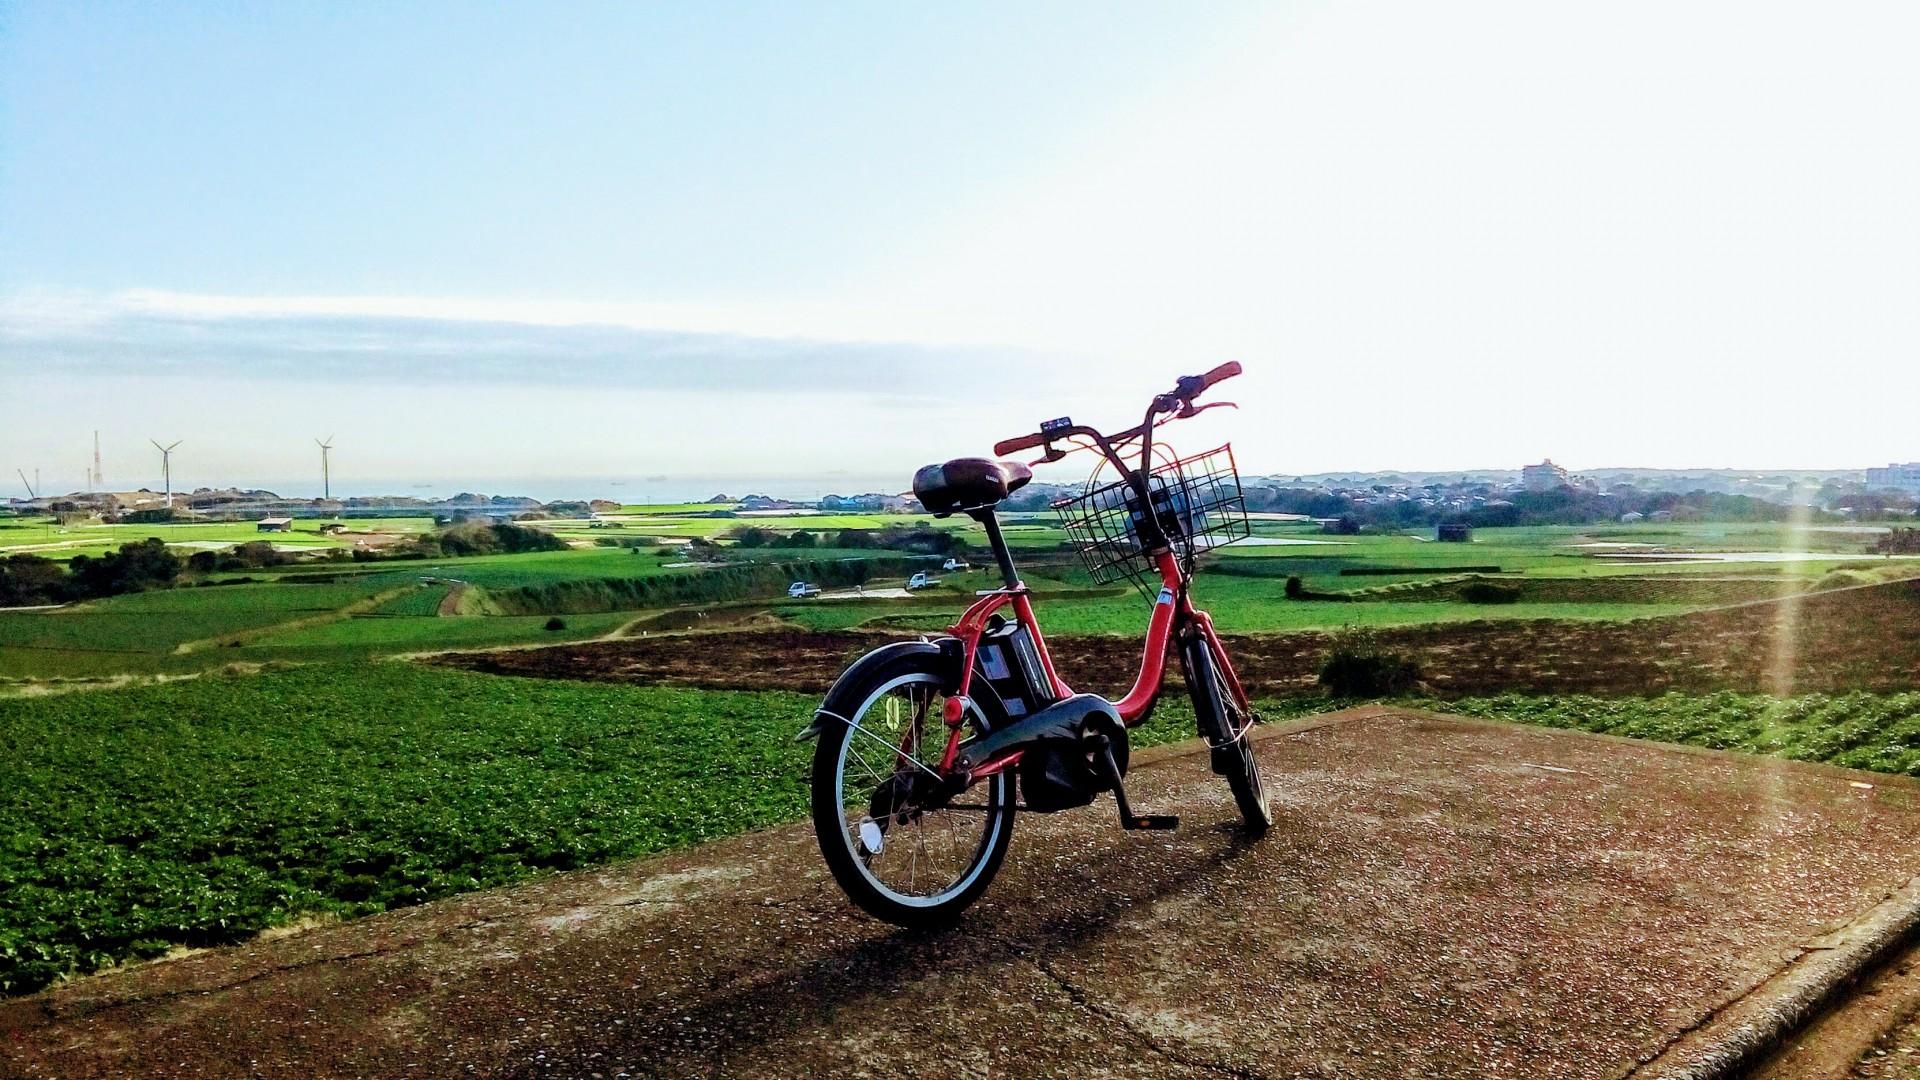 城之岛自行车旅行(三浦出租自行车)